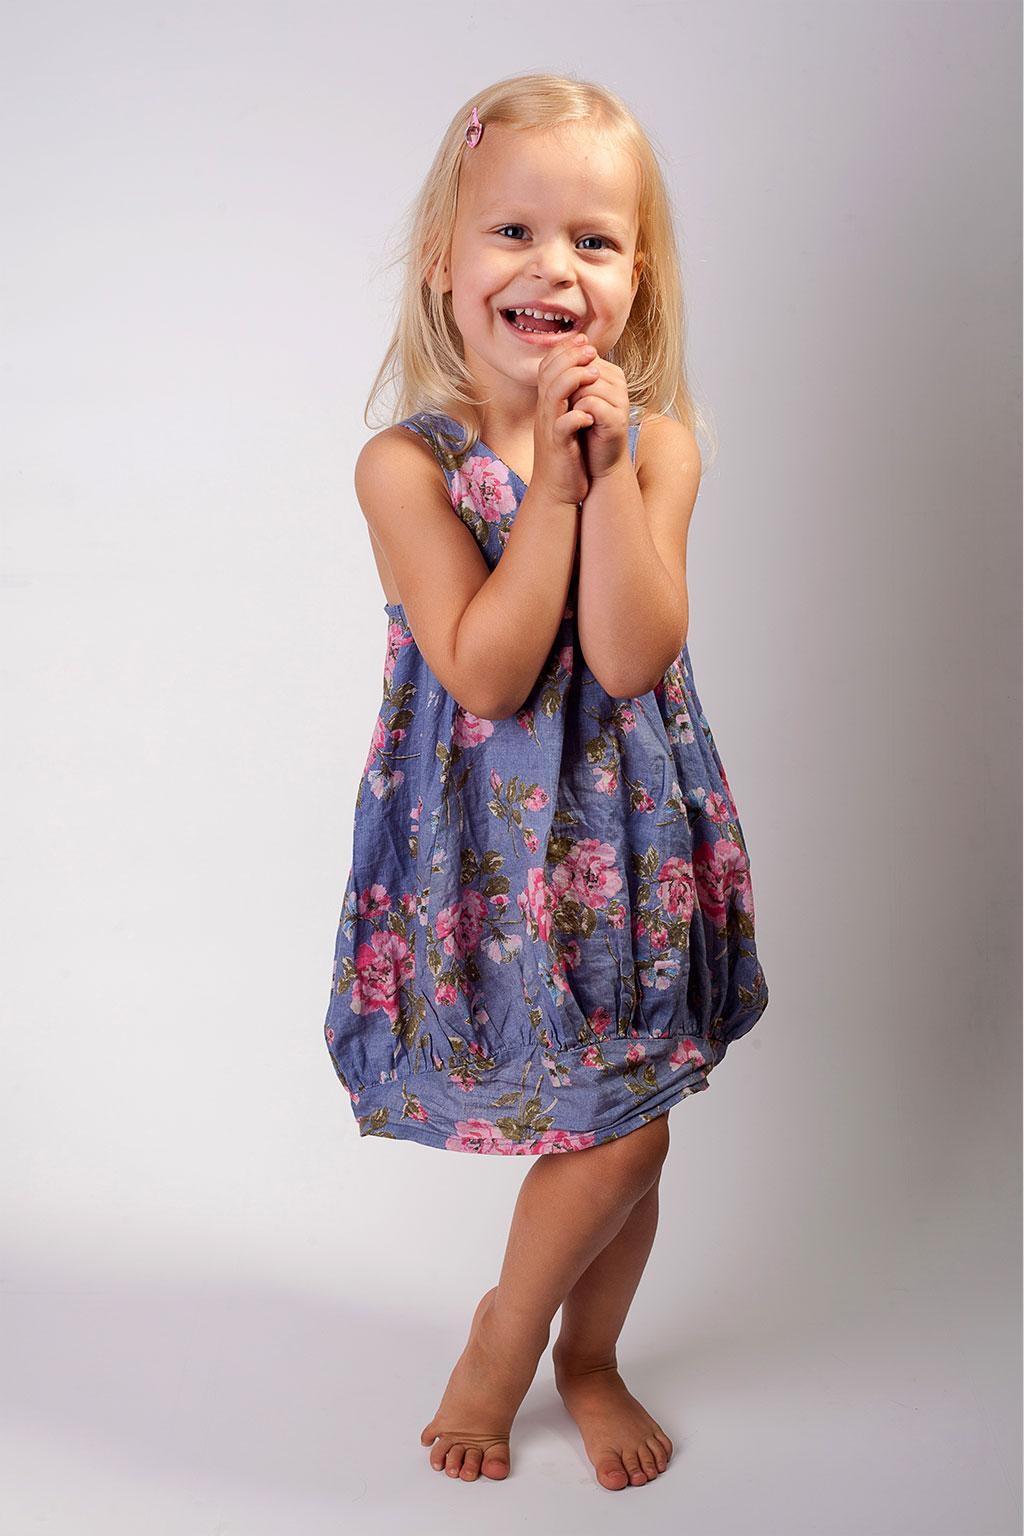 LittleFloweryDress